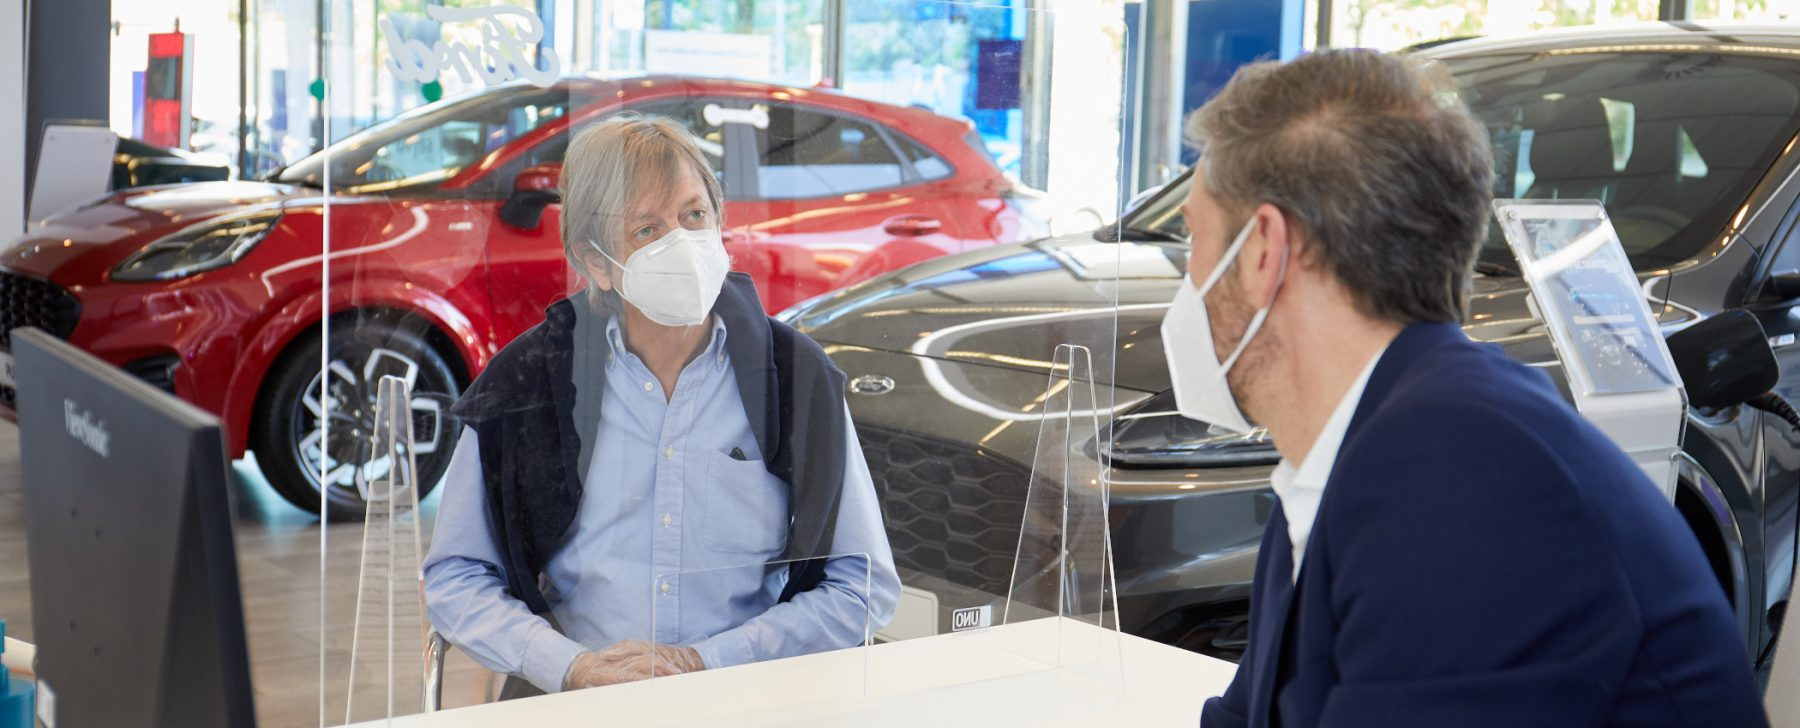 Comprar coche coronavirus